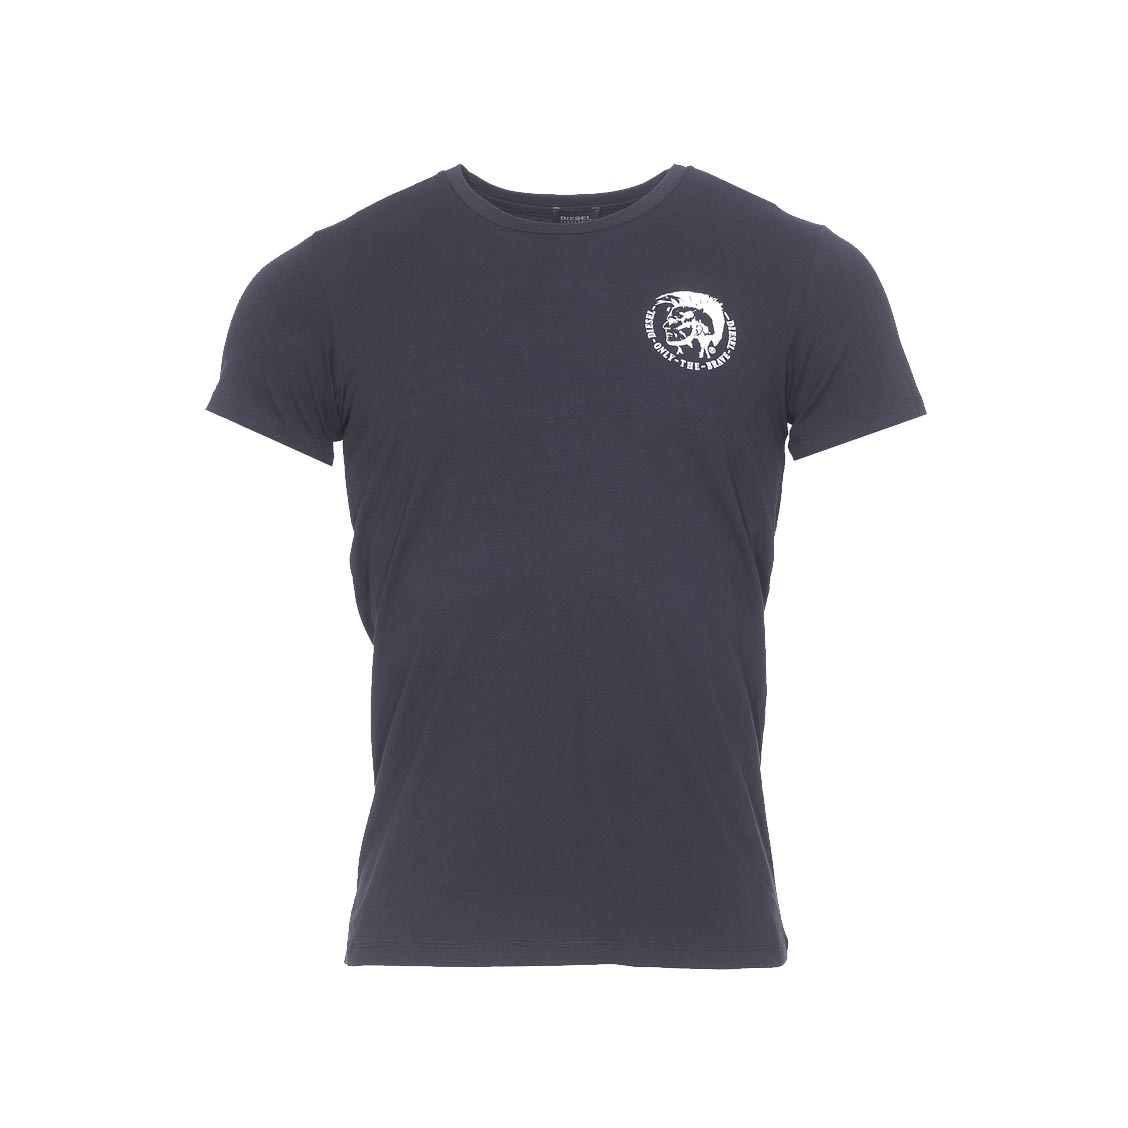 Tee-shirt col rond diesel en coton stretch noir avec logo floqué en blanc à la poitrine